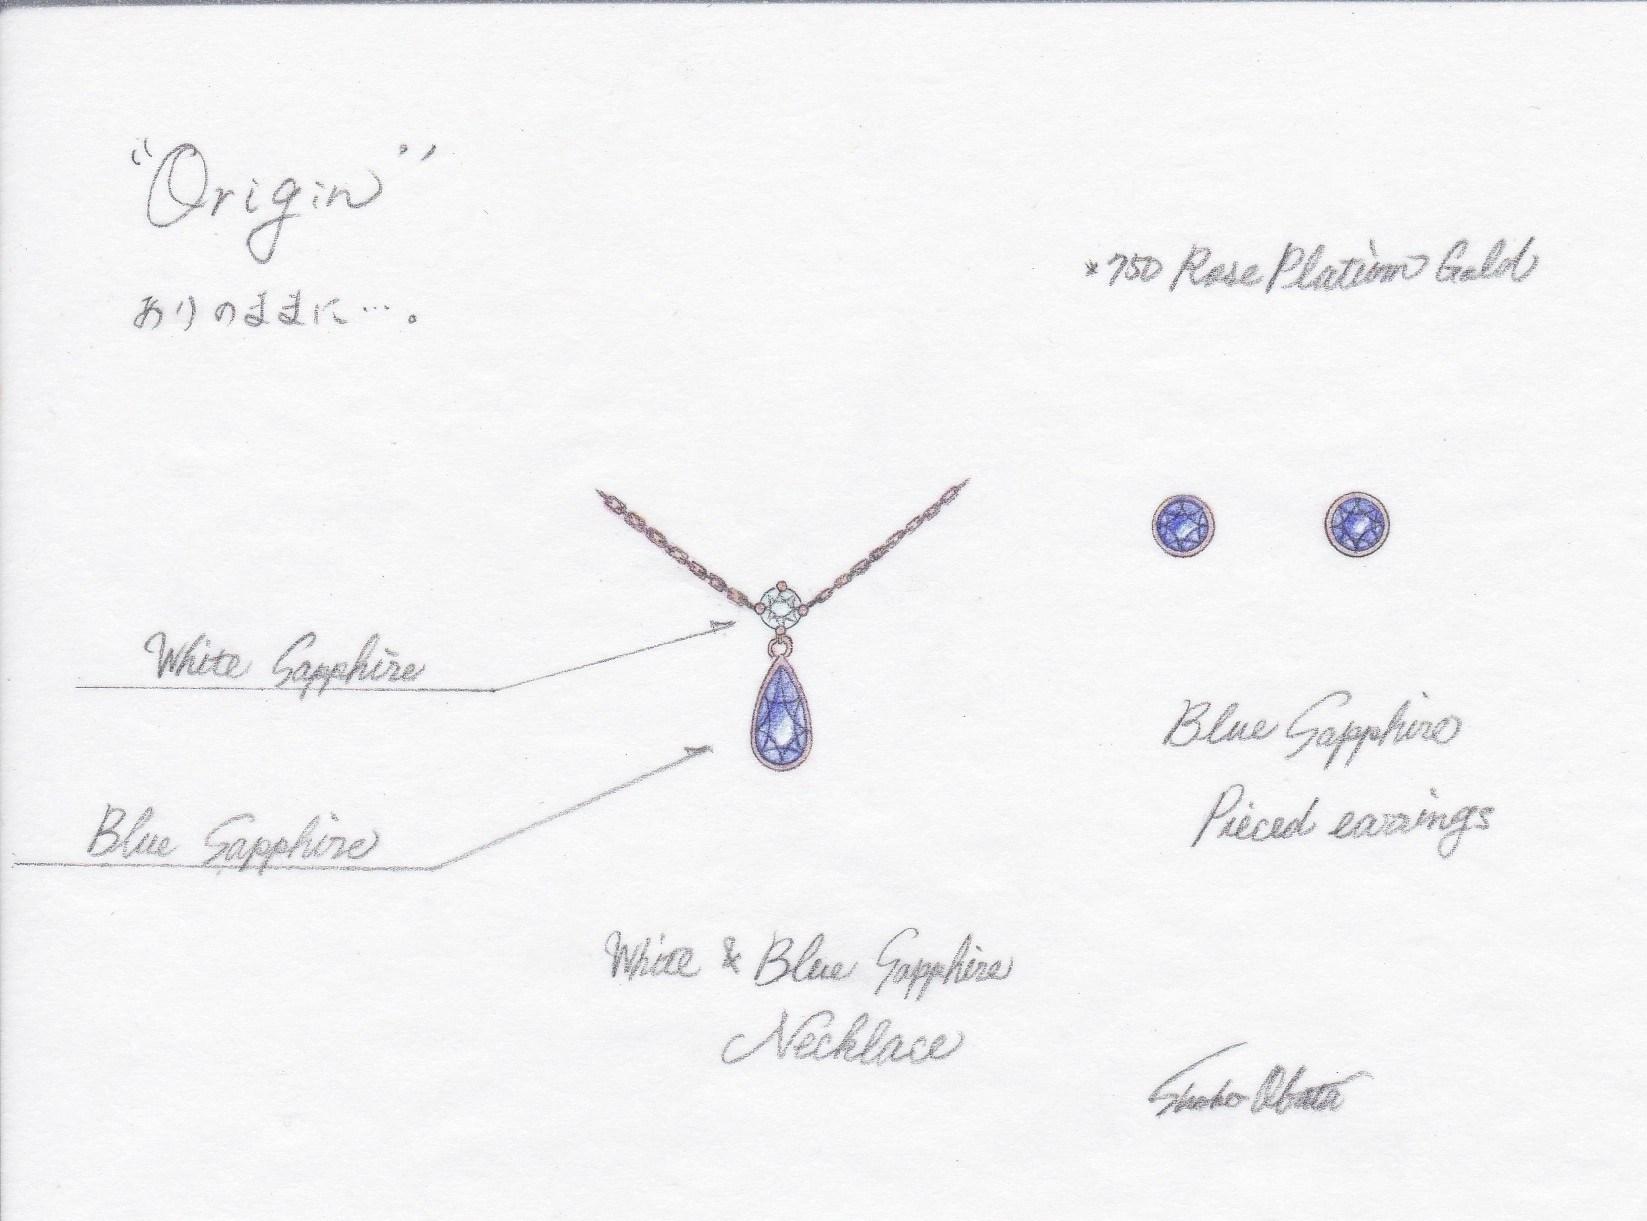 オーダーメイドジュエリー〔ブルーサファイアのネックレス&ピアス〕デザイン画